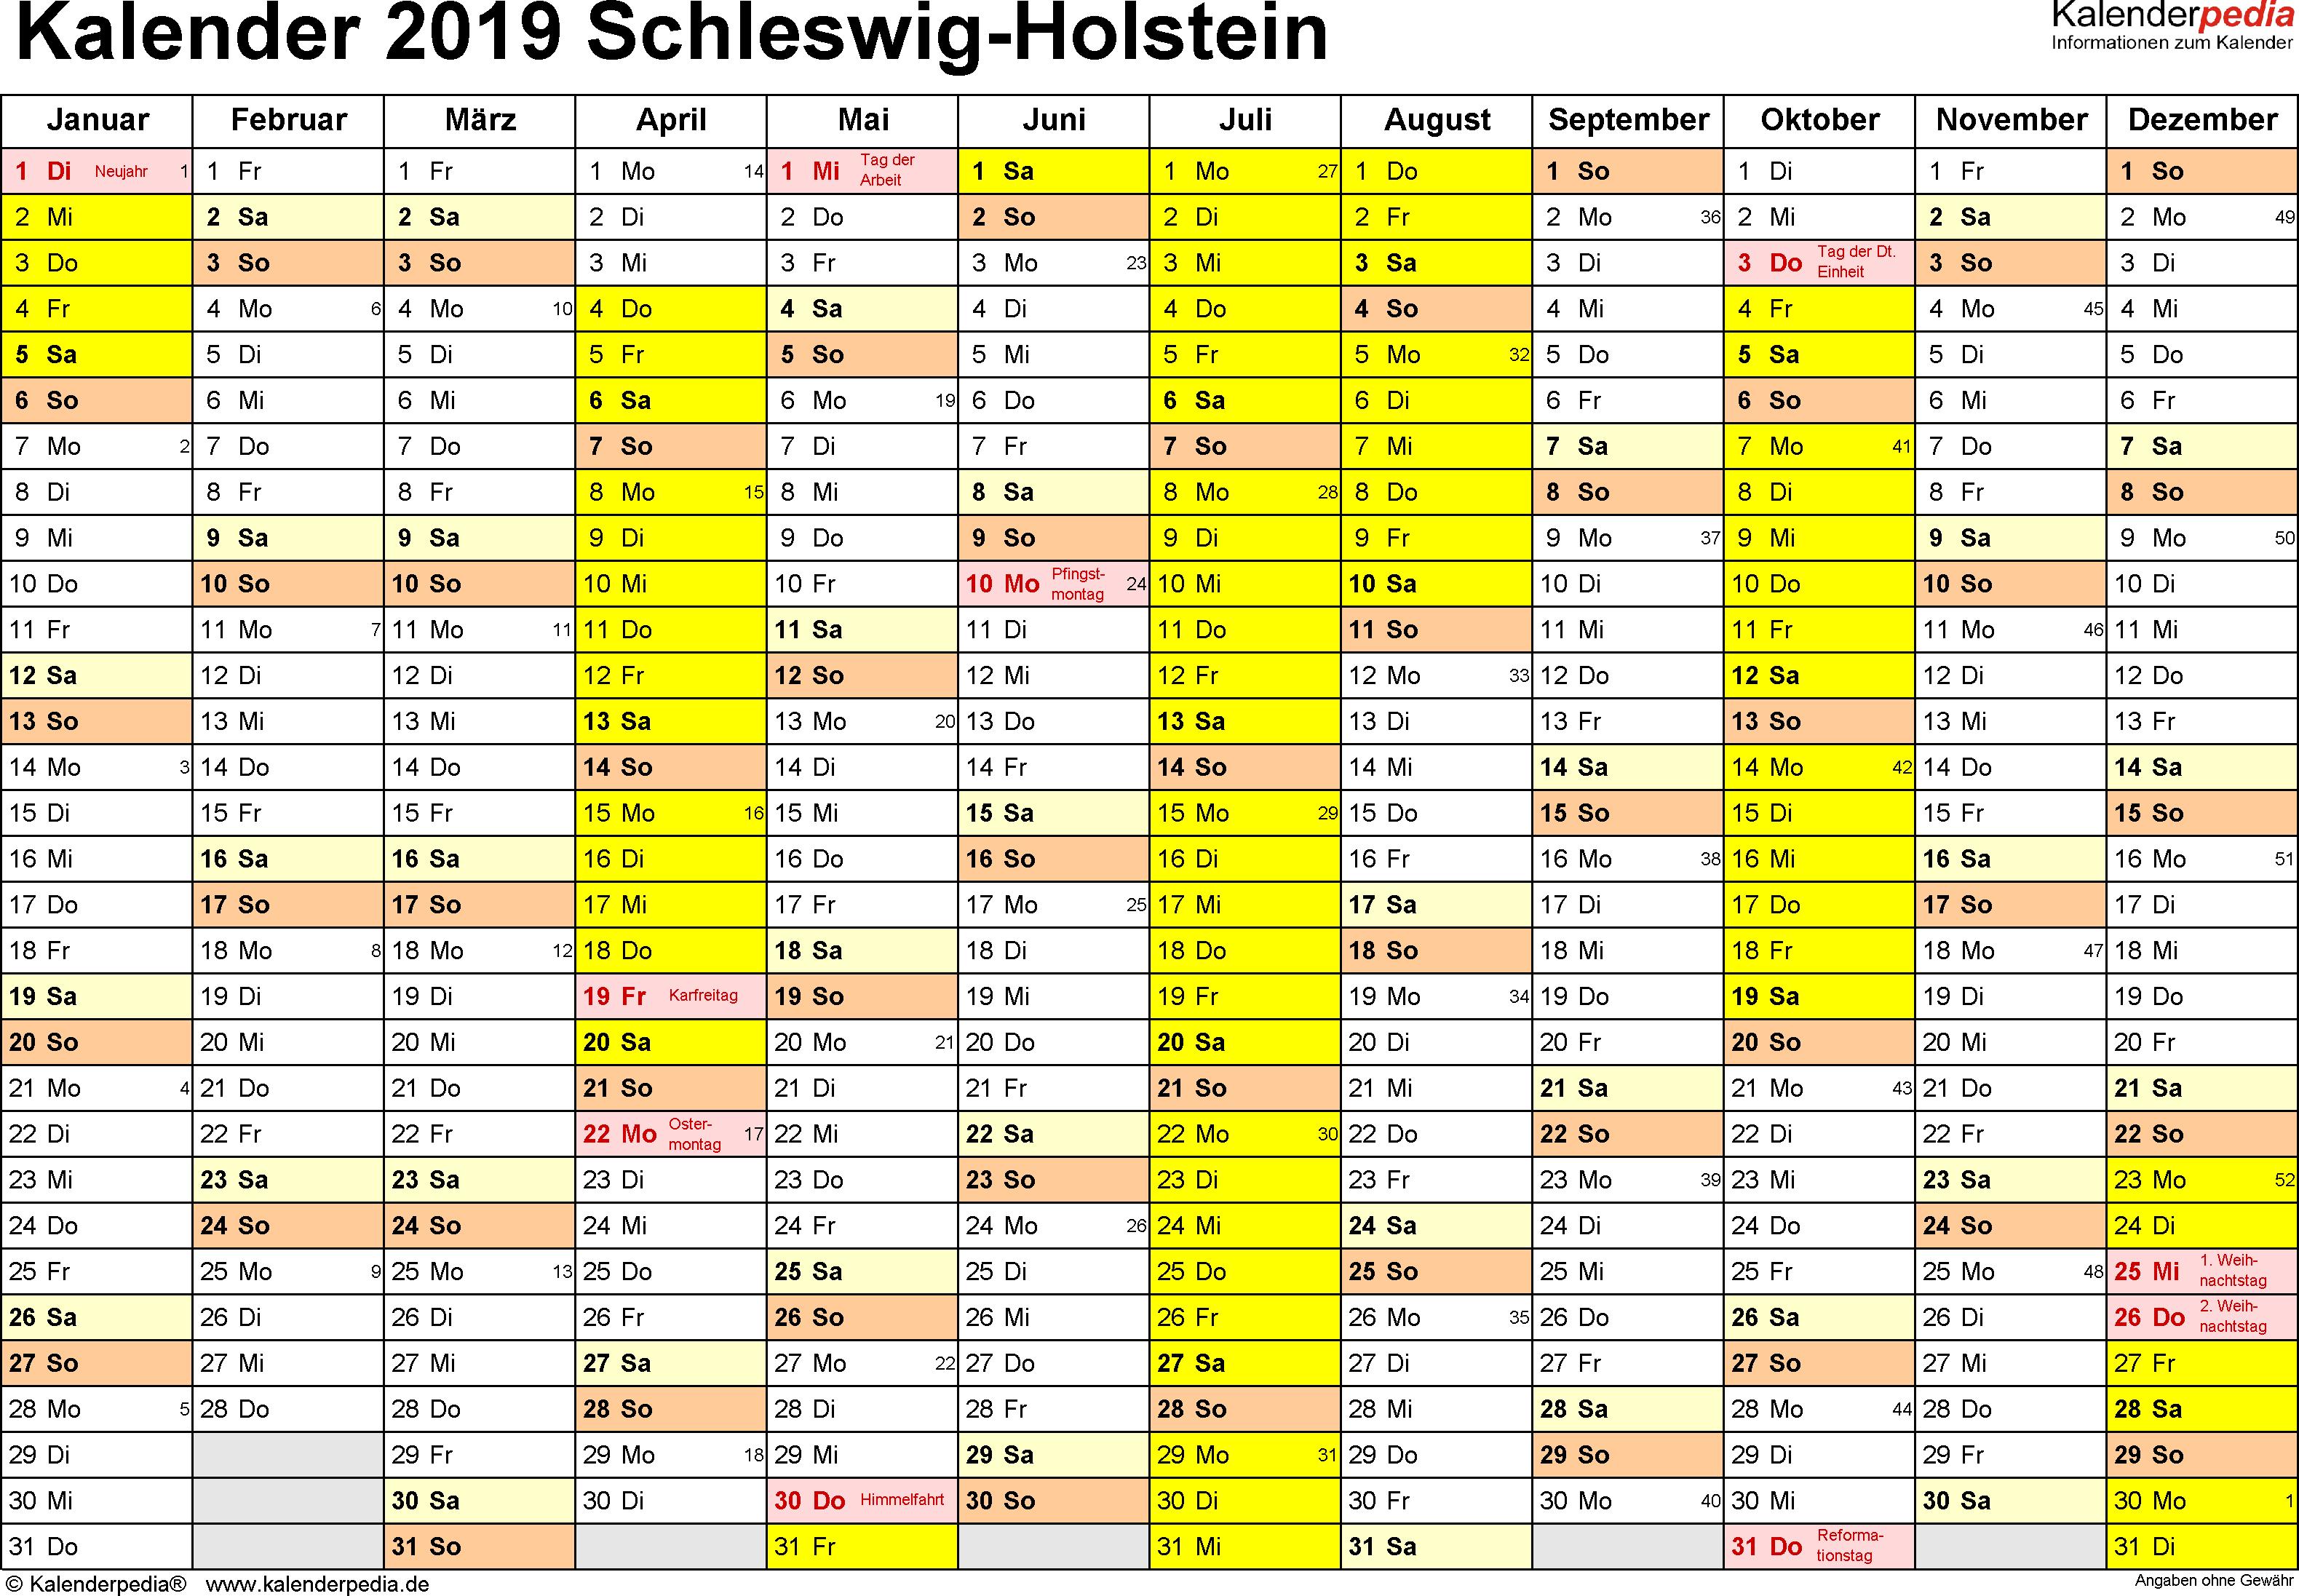 Kalender 2019 Schleswig Holstein Ferien Feiertage Pdf Vorlagen